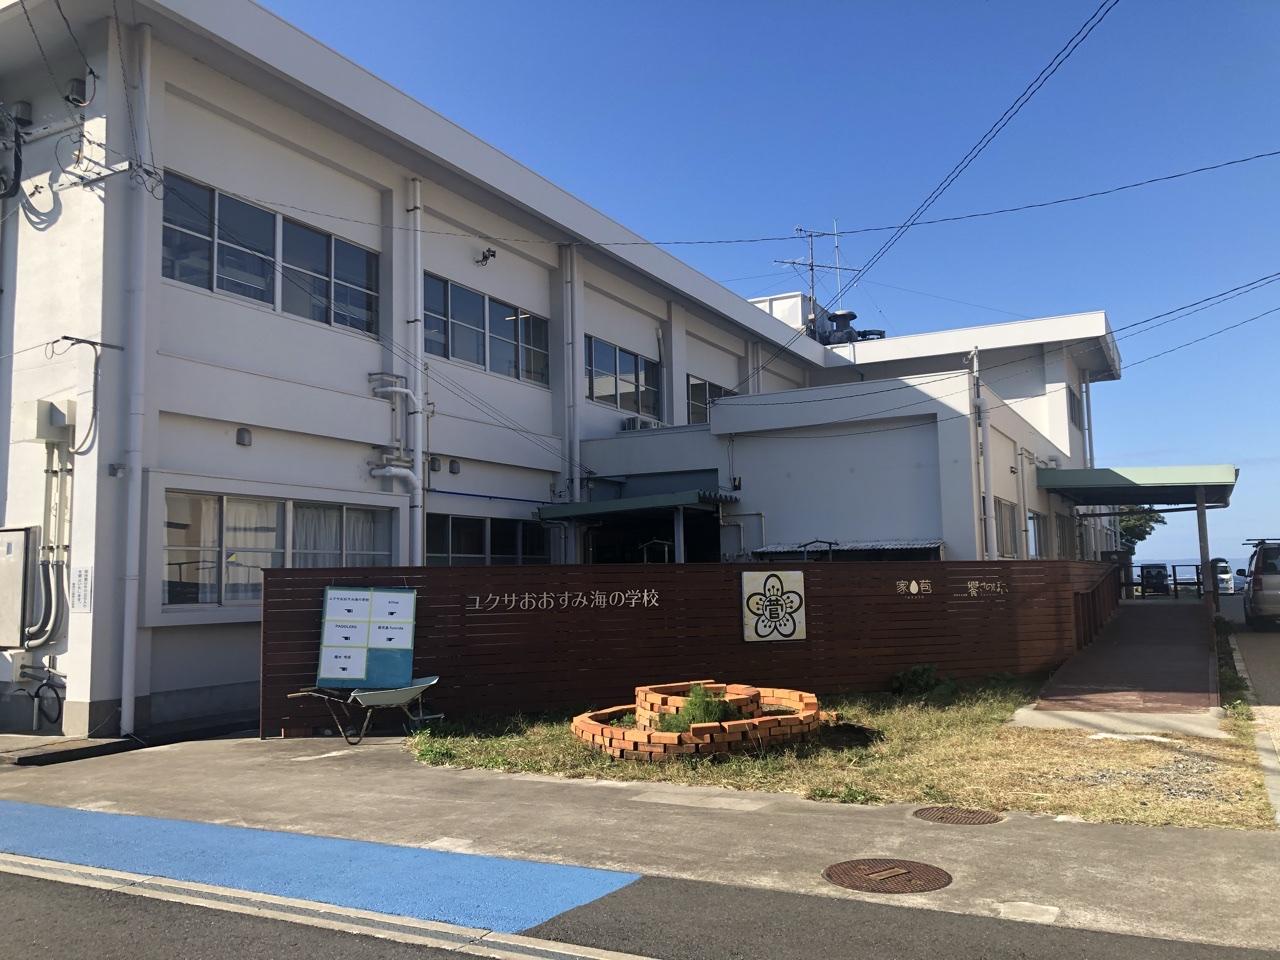 ユクサおおすみ海の学校 【YUKUSA OUTDOOR FIELD】-大隅地区- イメージ画像